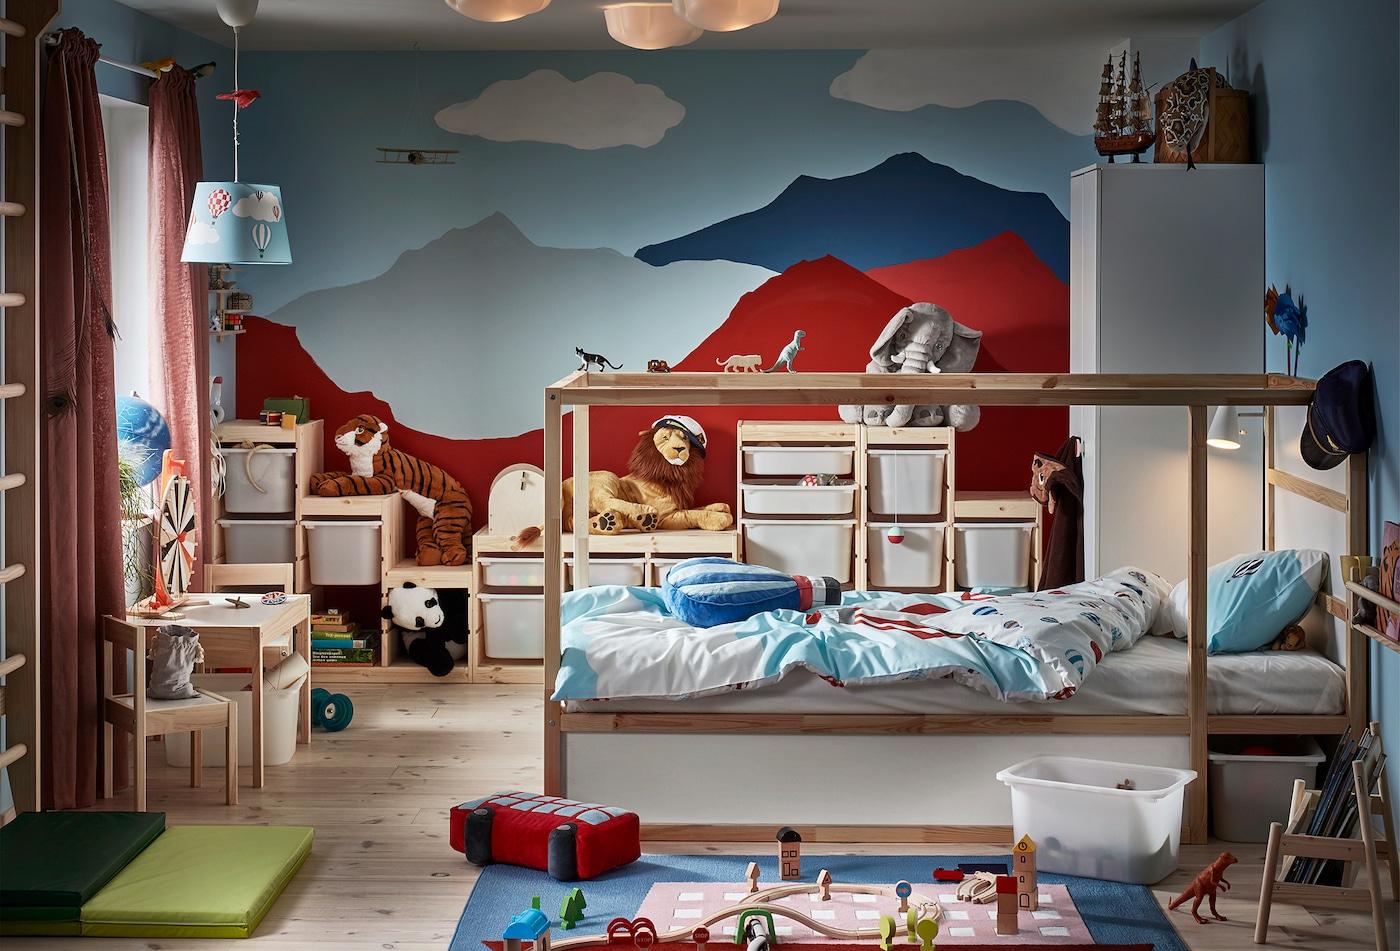 ห้องนอนเด็กที่จุดเด่นอยู่ที่ผนังด้านหลังที่ระบายสีภาพภูเขา เตียงกลับด้านได้ ราวแขวนผนัง และอุปกรณ์จัดเก็บหลายประเภท